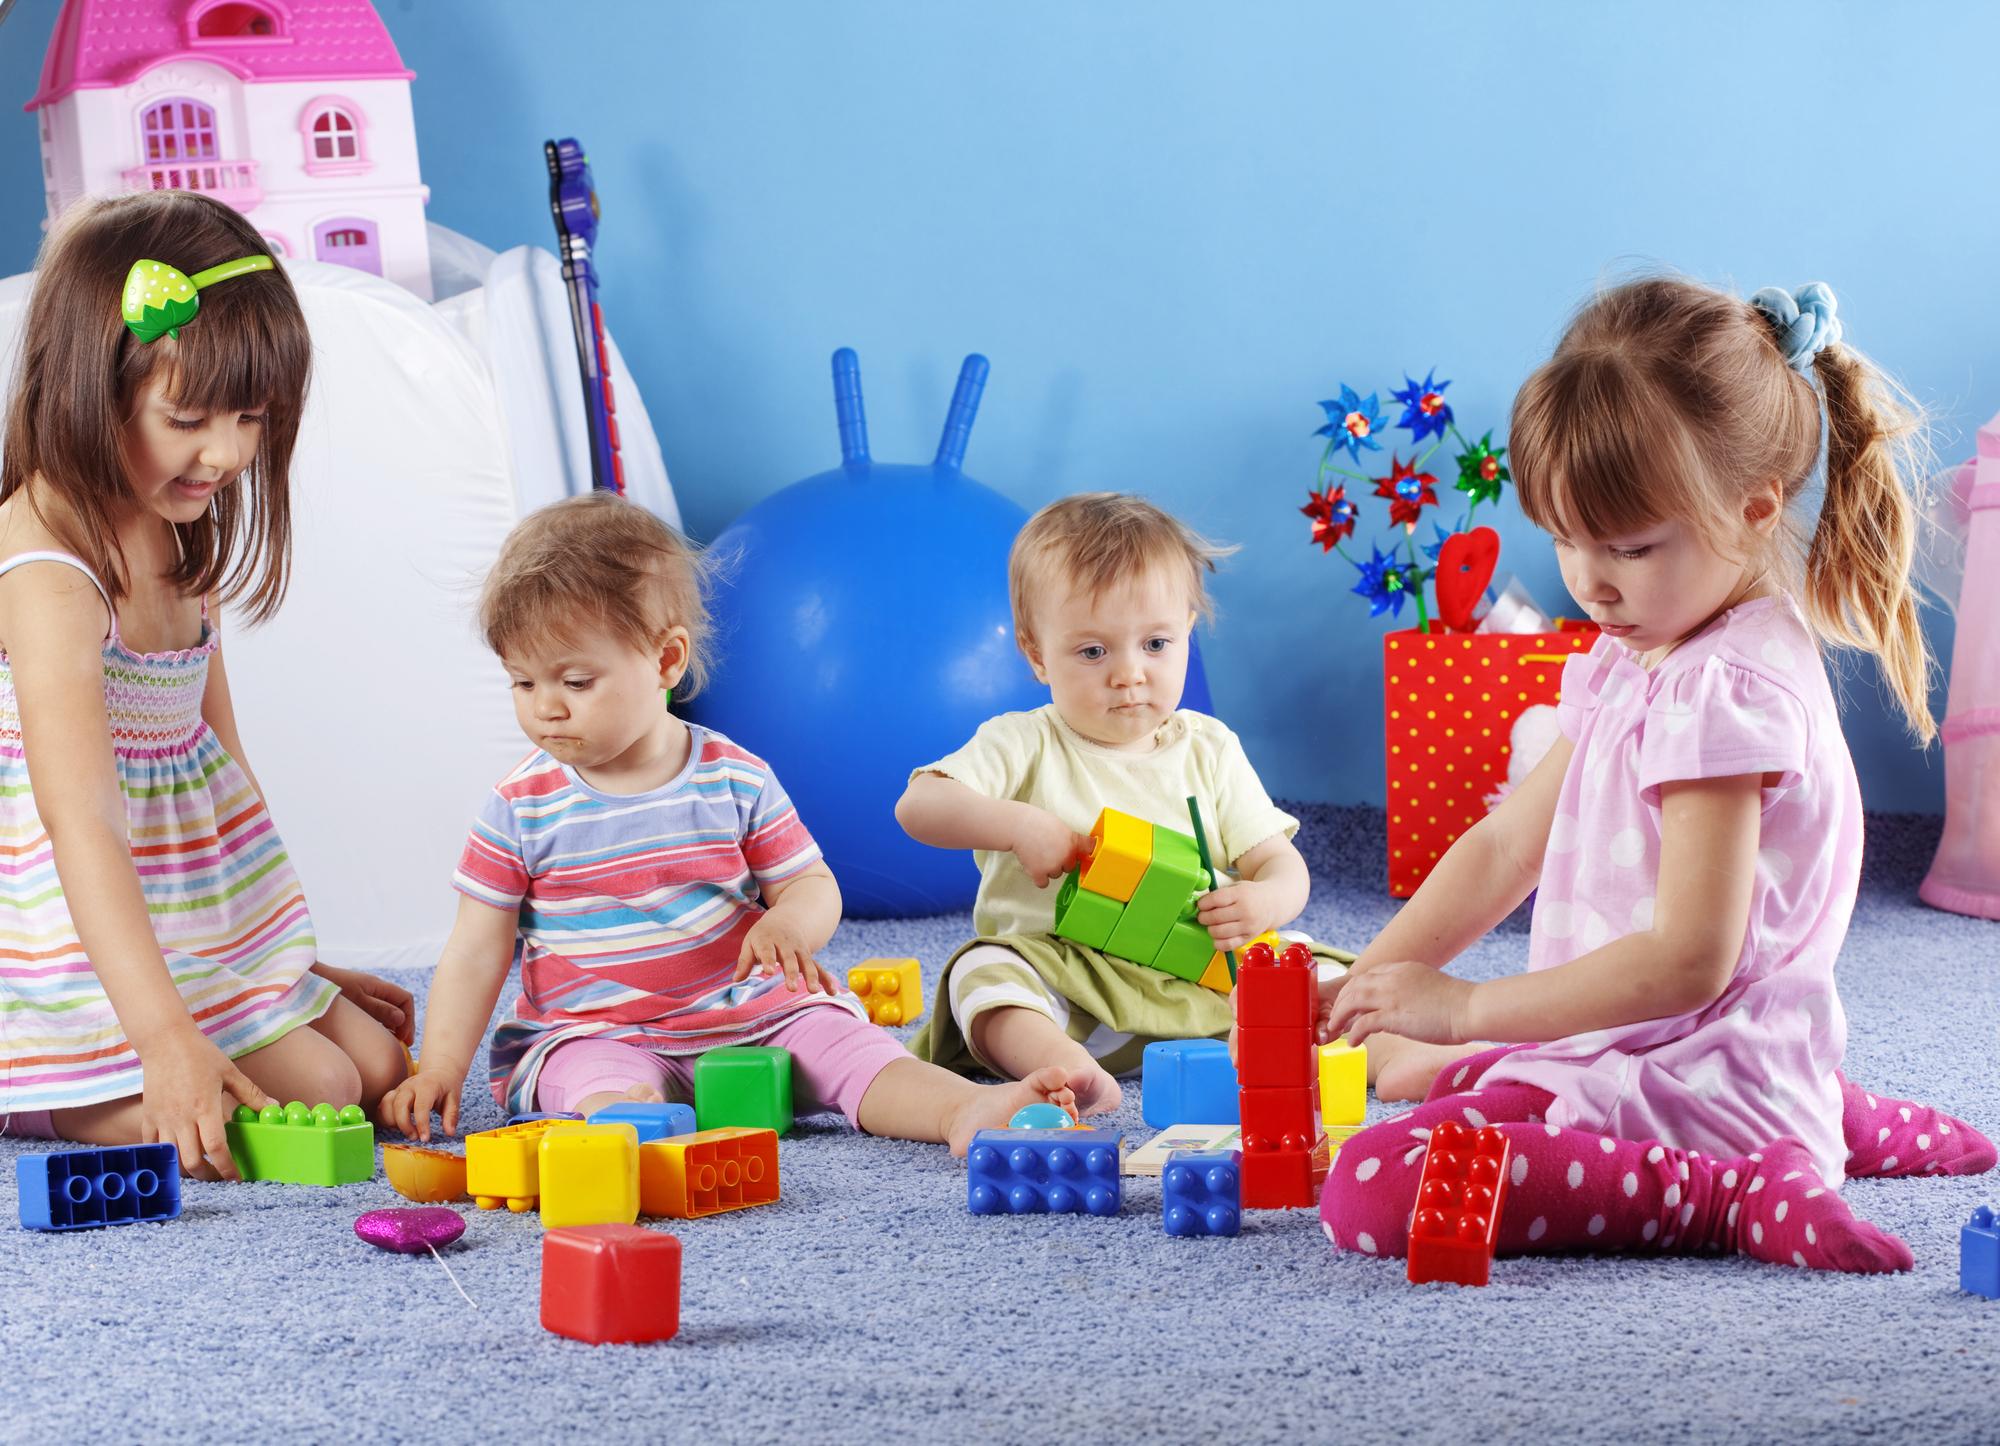 В Дагестане закрыли пять детских садов после вспышки острой кишечной инфекции